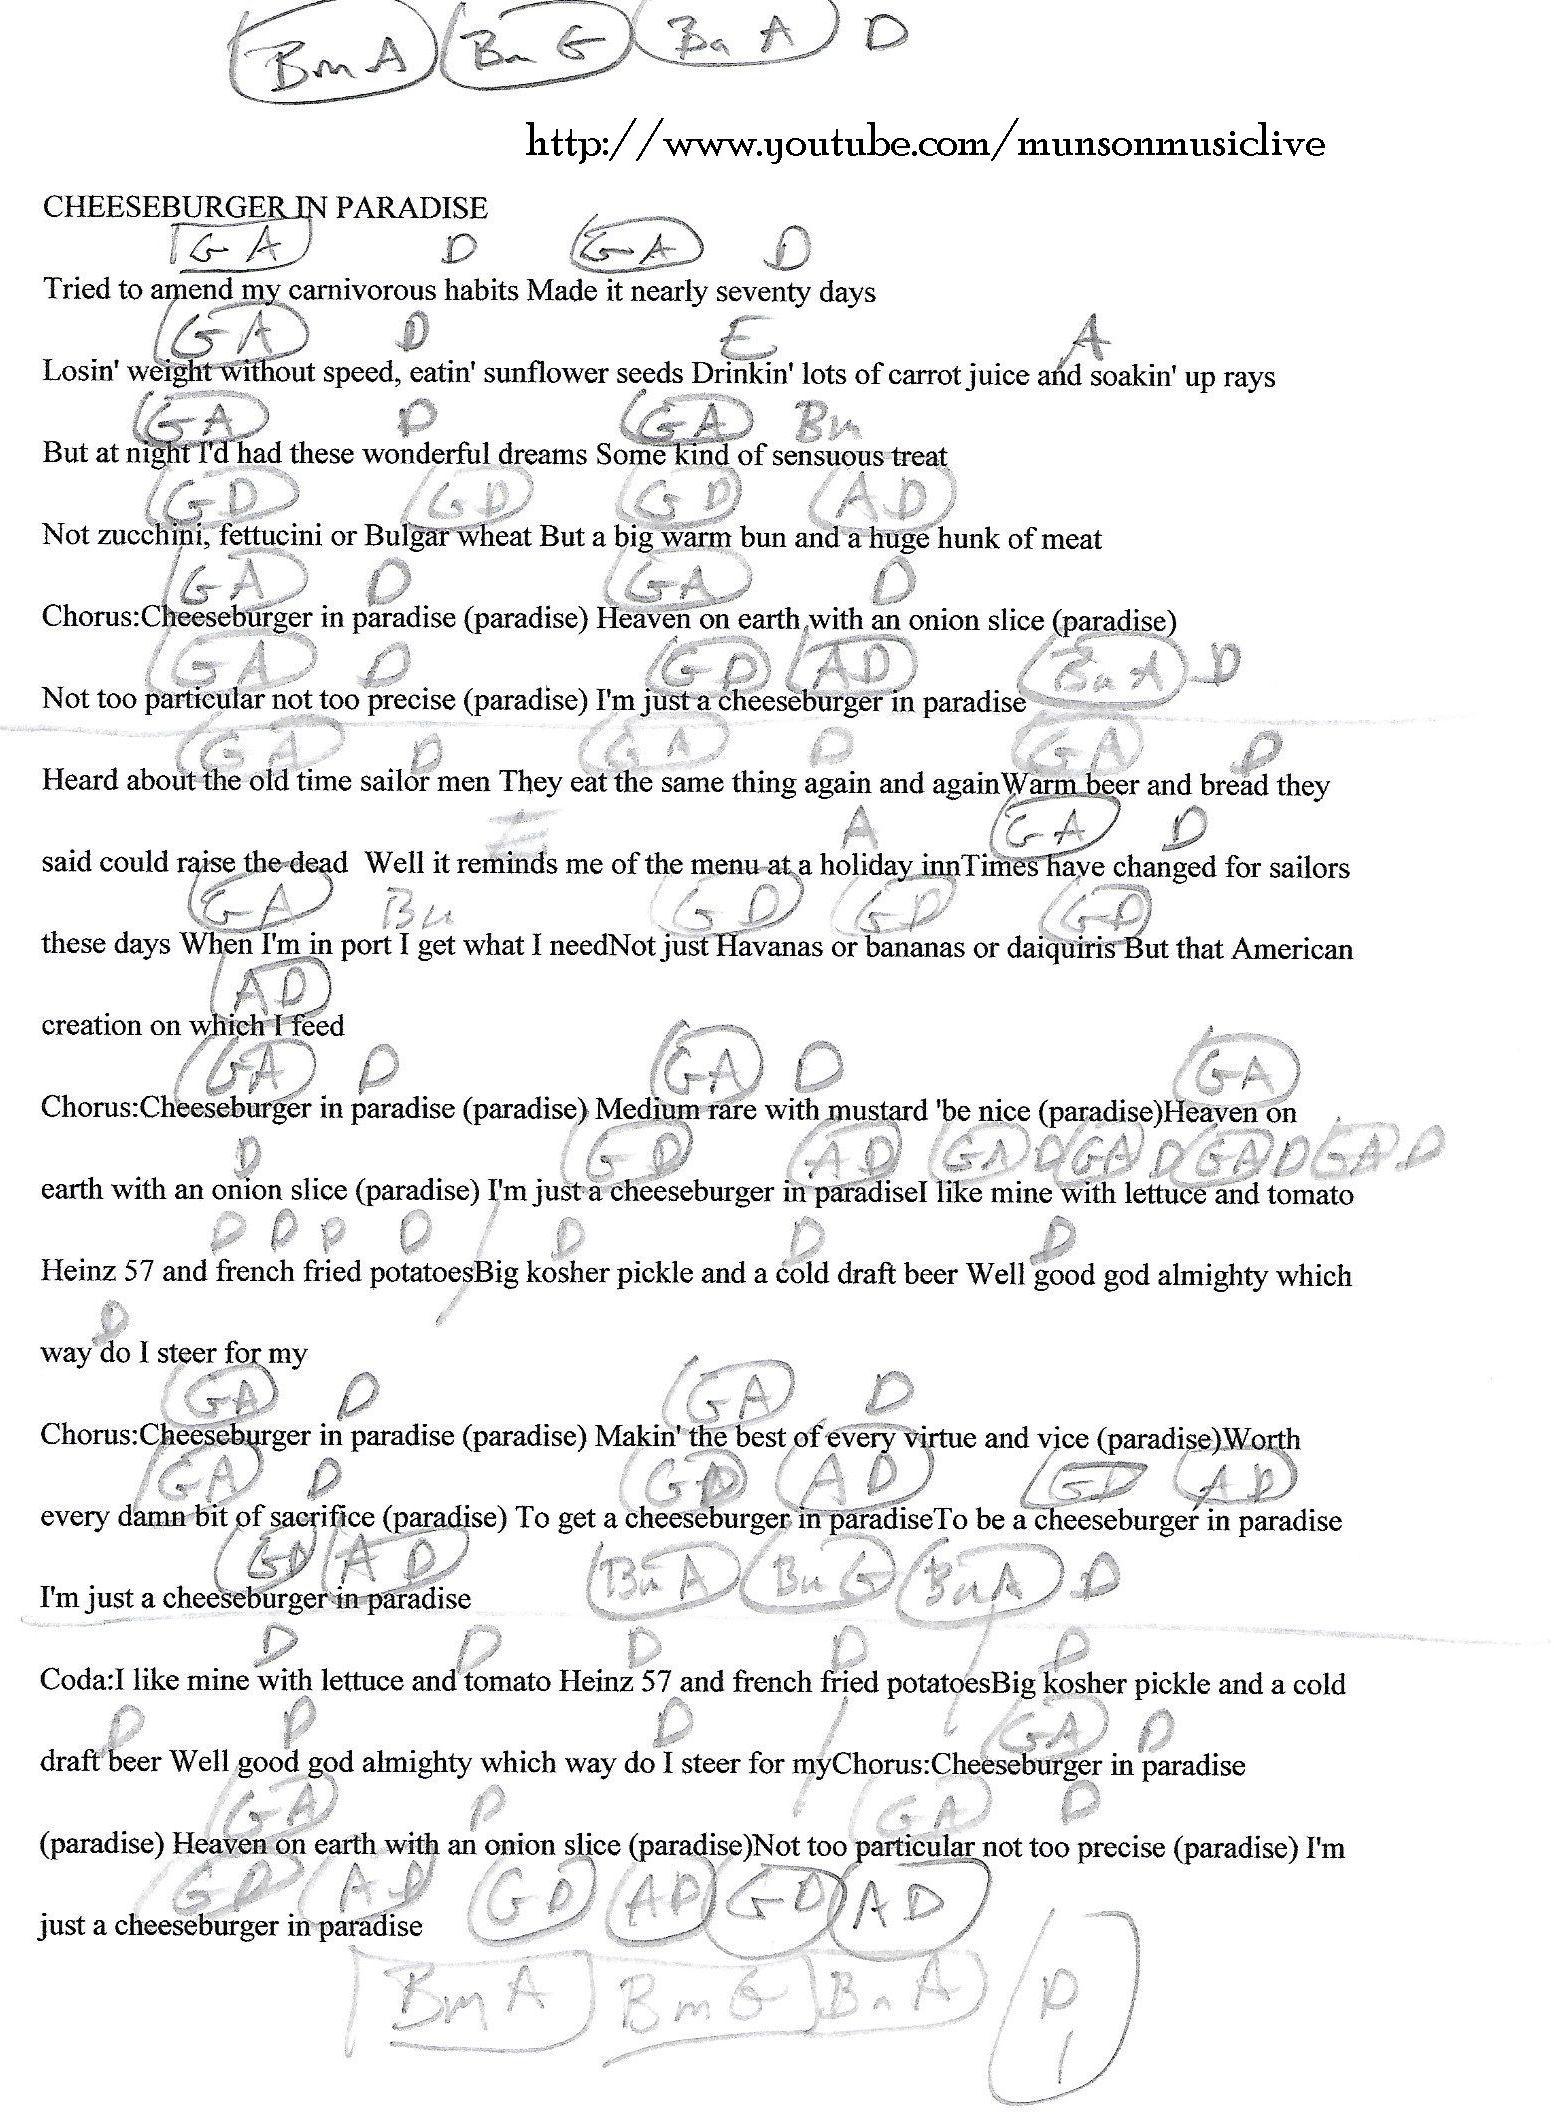 Cheeseburger in paradise jimmy buffett guitar chord chart cheeseburger in paradise jimmy buffett guitar chord chart hexwebz Gallery